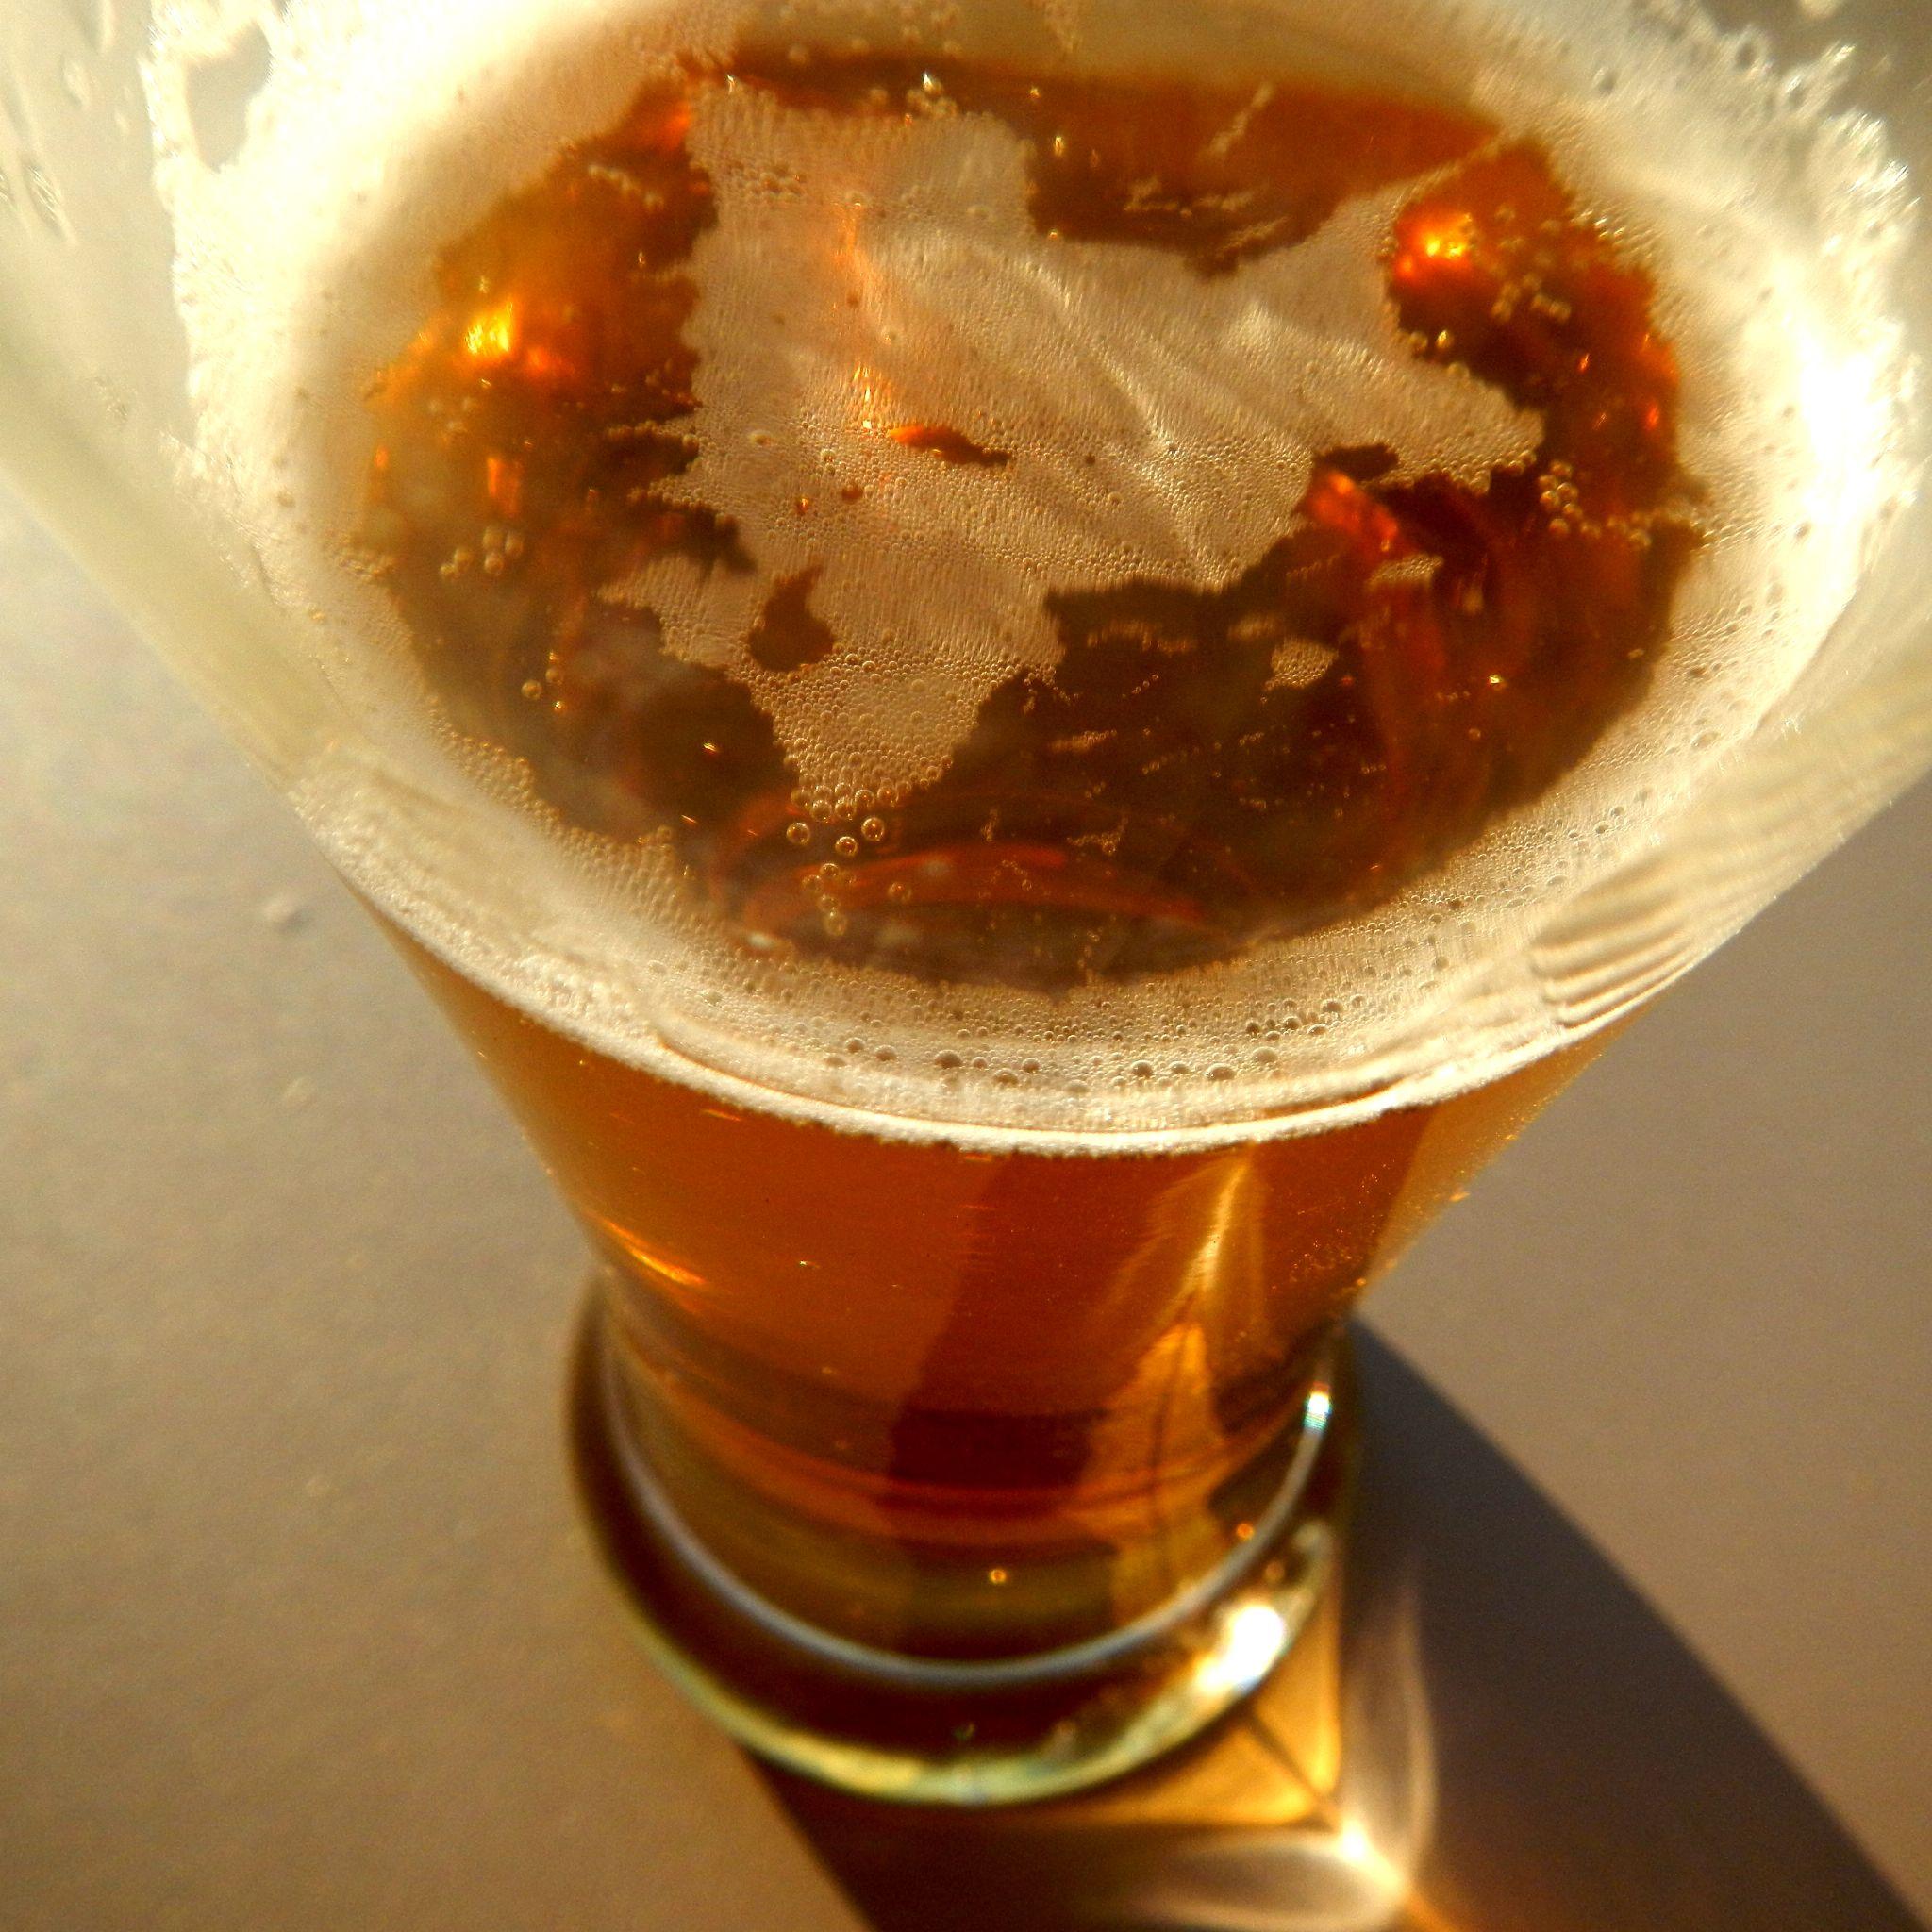 DSCN5912  beer lights  by pawel2reklewski